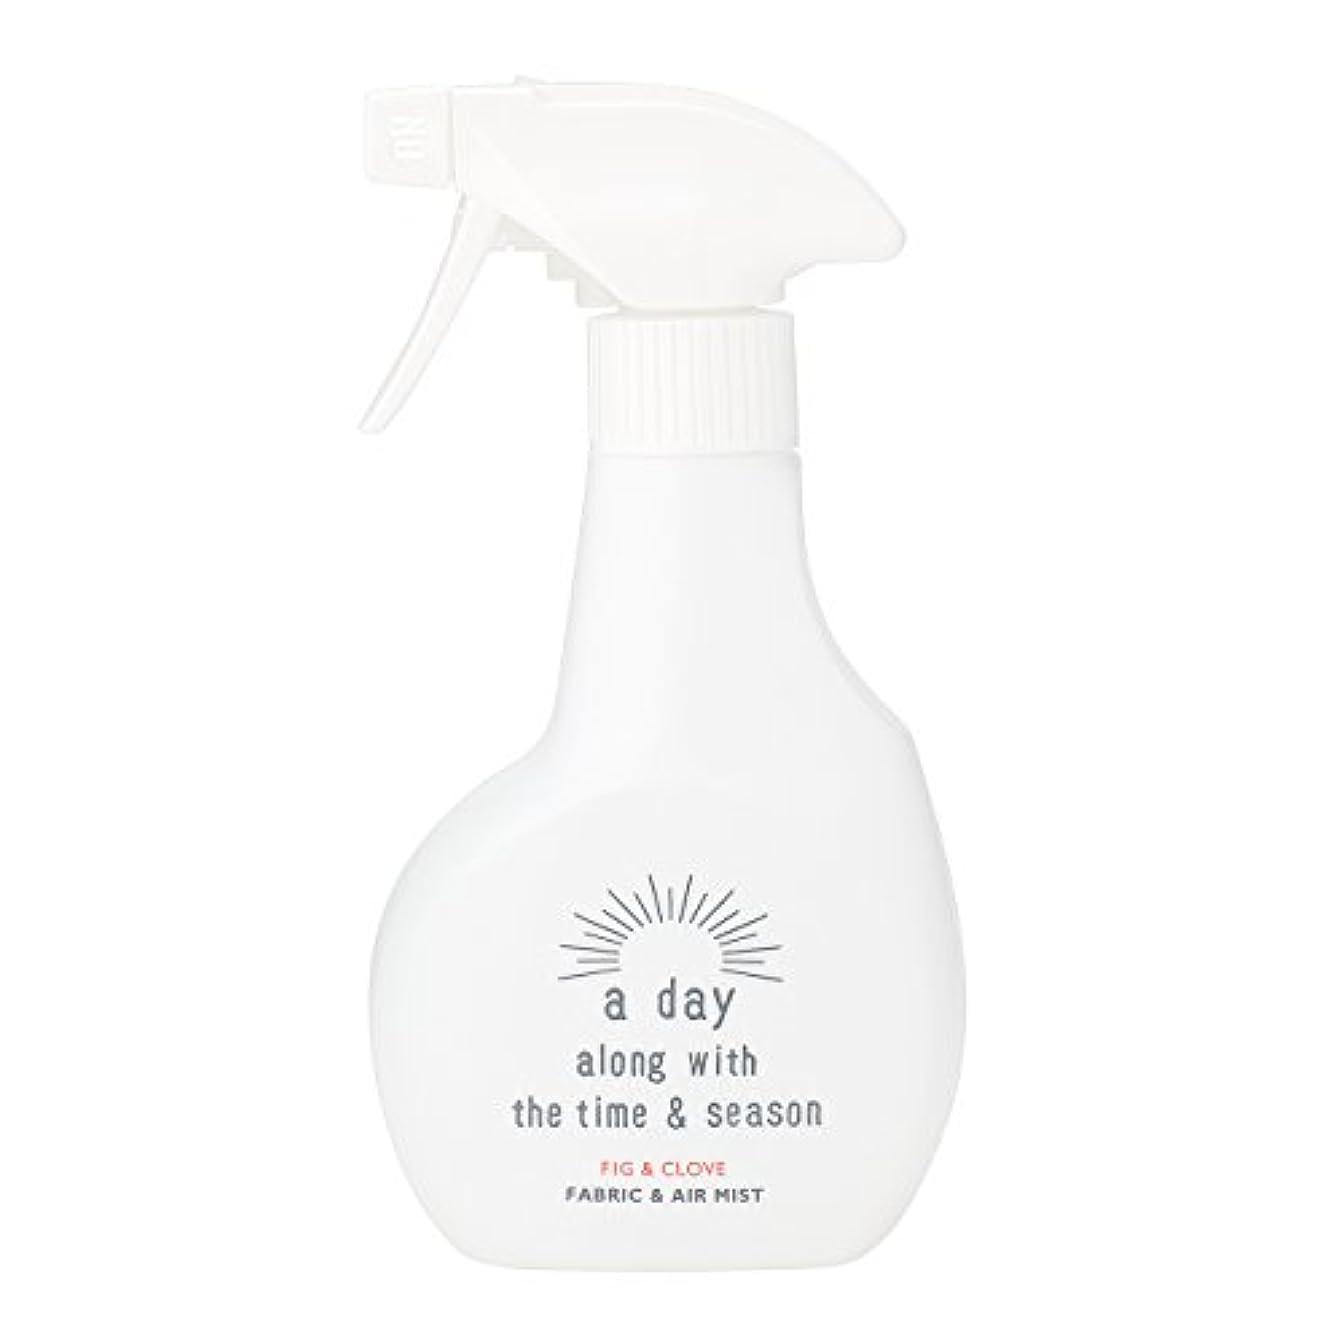 むき出しワゴン華氏アデイ(a day) ファブリック&エアミスト フィグ&クローブ 300ml(消臭?除菌スプレー 個性的でフルーティーなフィグにオリエンタルなクローブを組み合わせた香り)